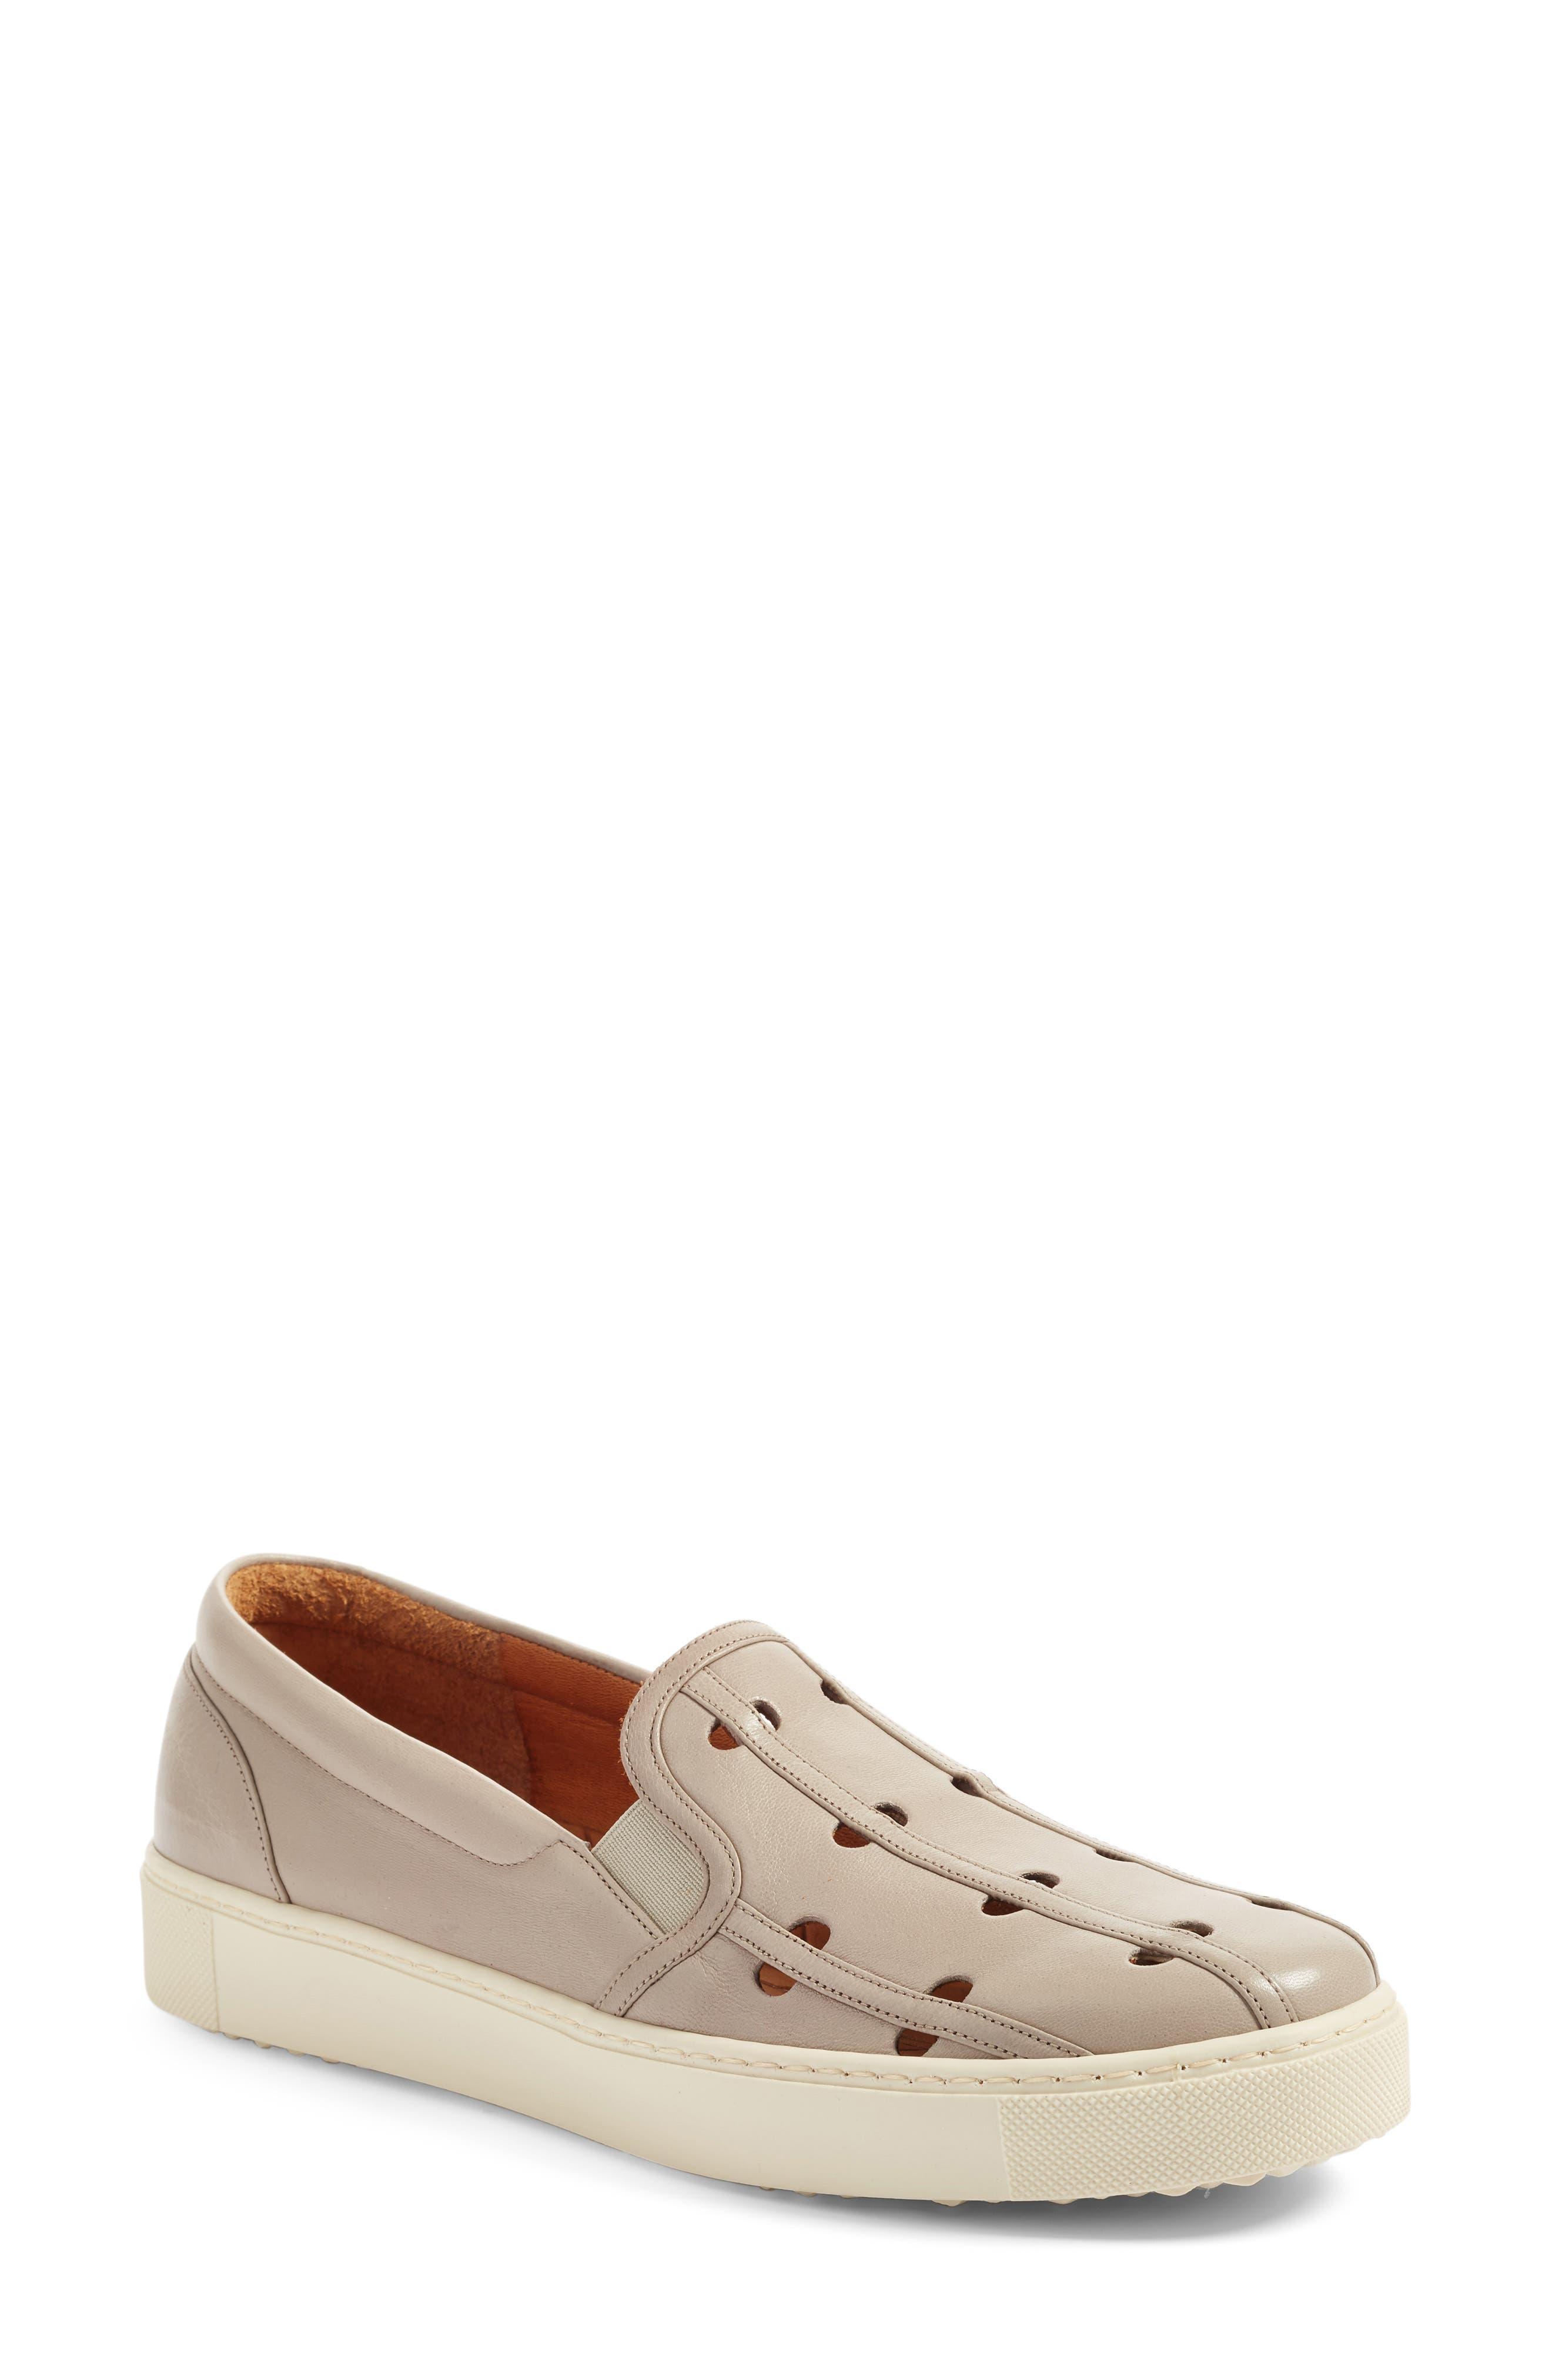 Zanca Slip-On Sneaker,                         Main,                         color, 020